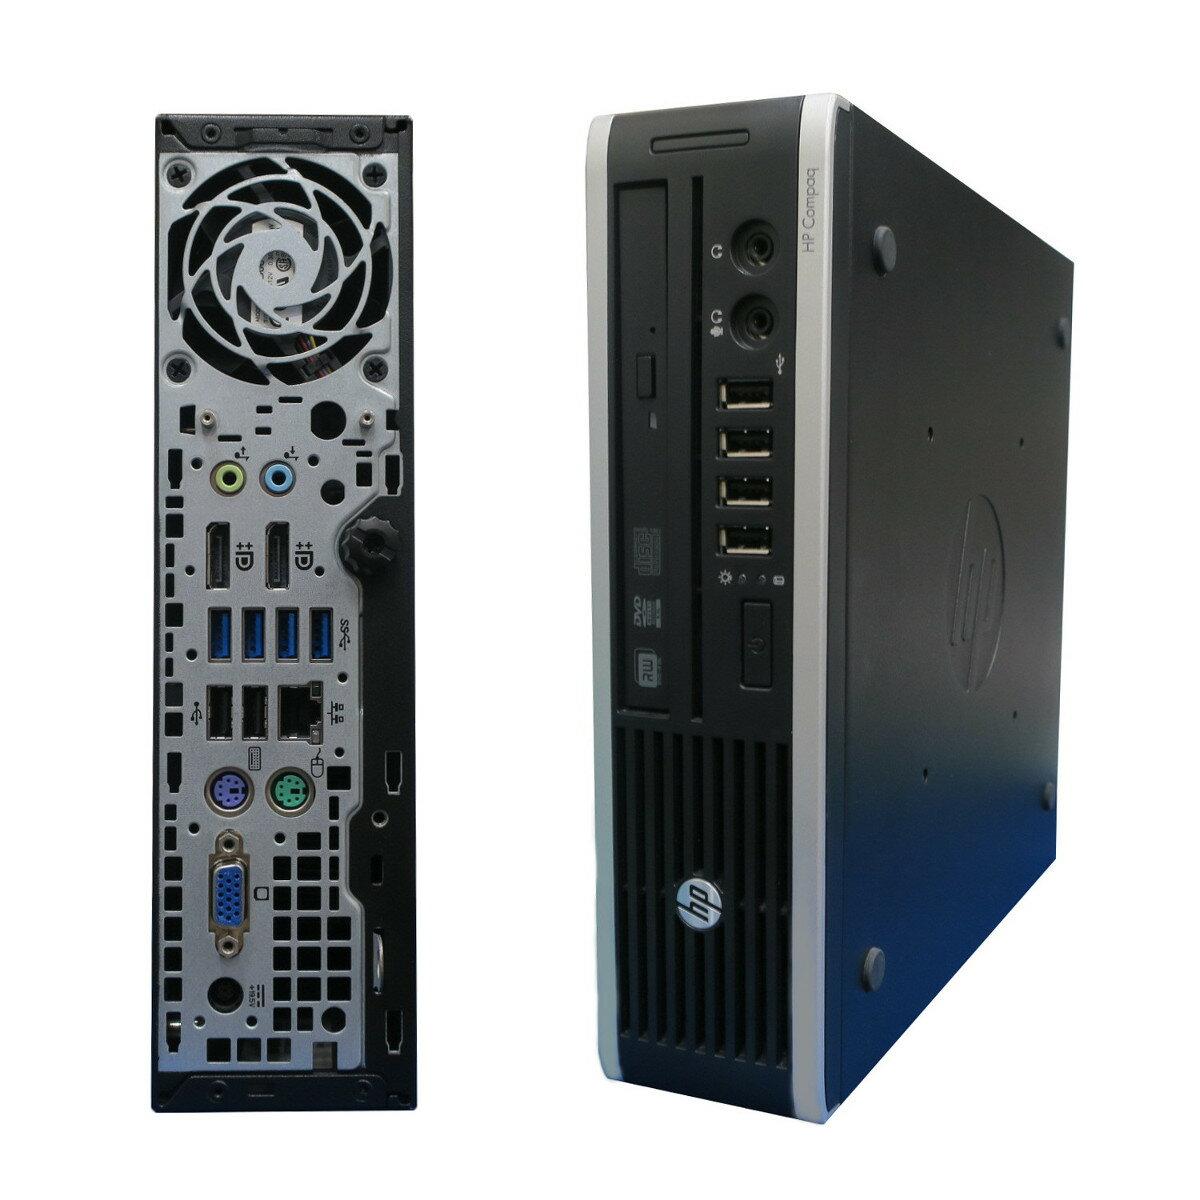 【1000円クーポン配布中!】中古デスクトップHP Compaq Elite 8300 US D0Q97PA 【中古】 HP Compaq Elite 8300 US 中古デスクトップCore i5 Win7 Pro HP Compaq Elite 830